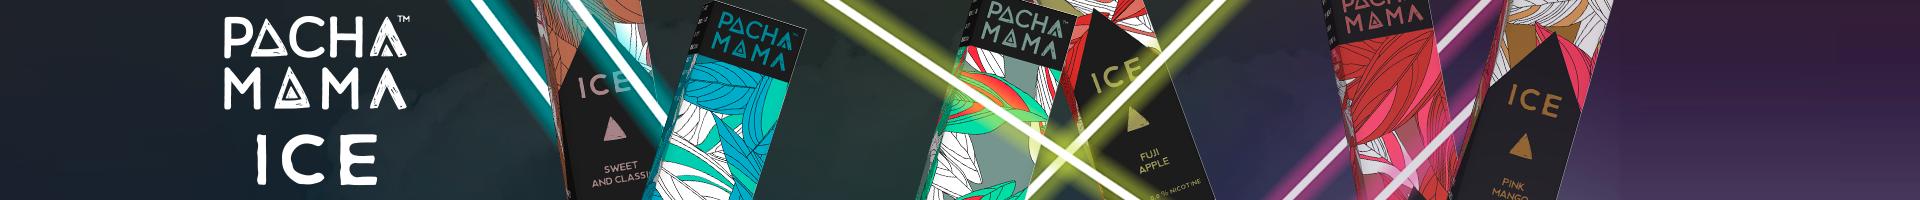 La gama más refrescante Pachamama llegó a Eciglogística.